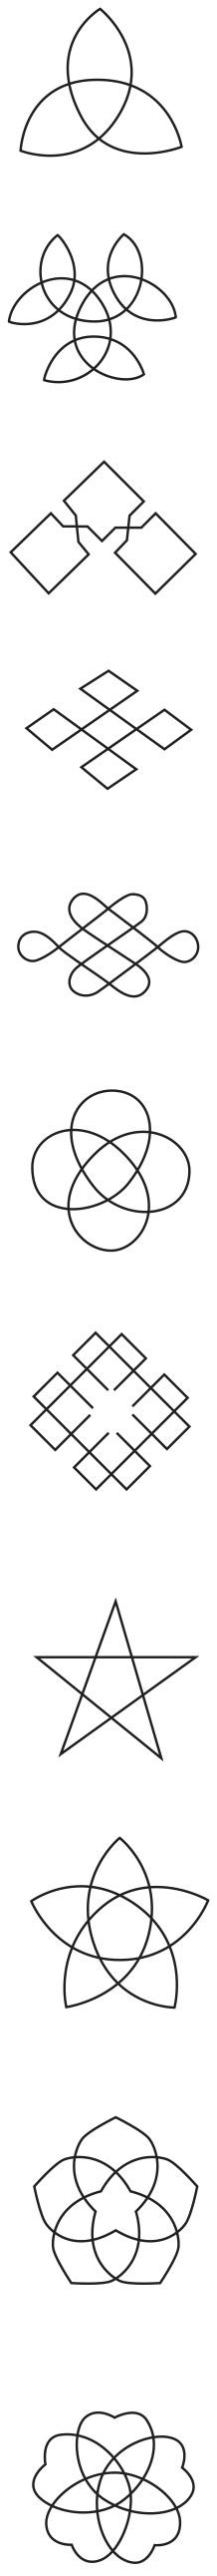 図12──結びイメージを持つ家紋。